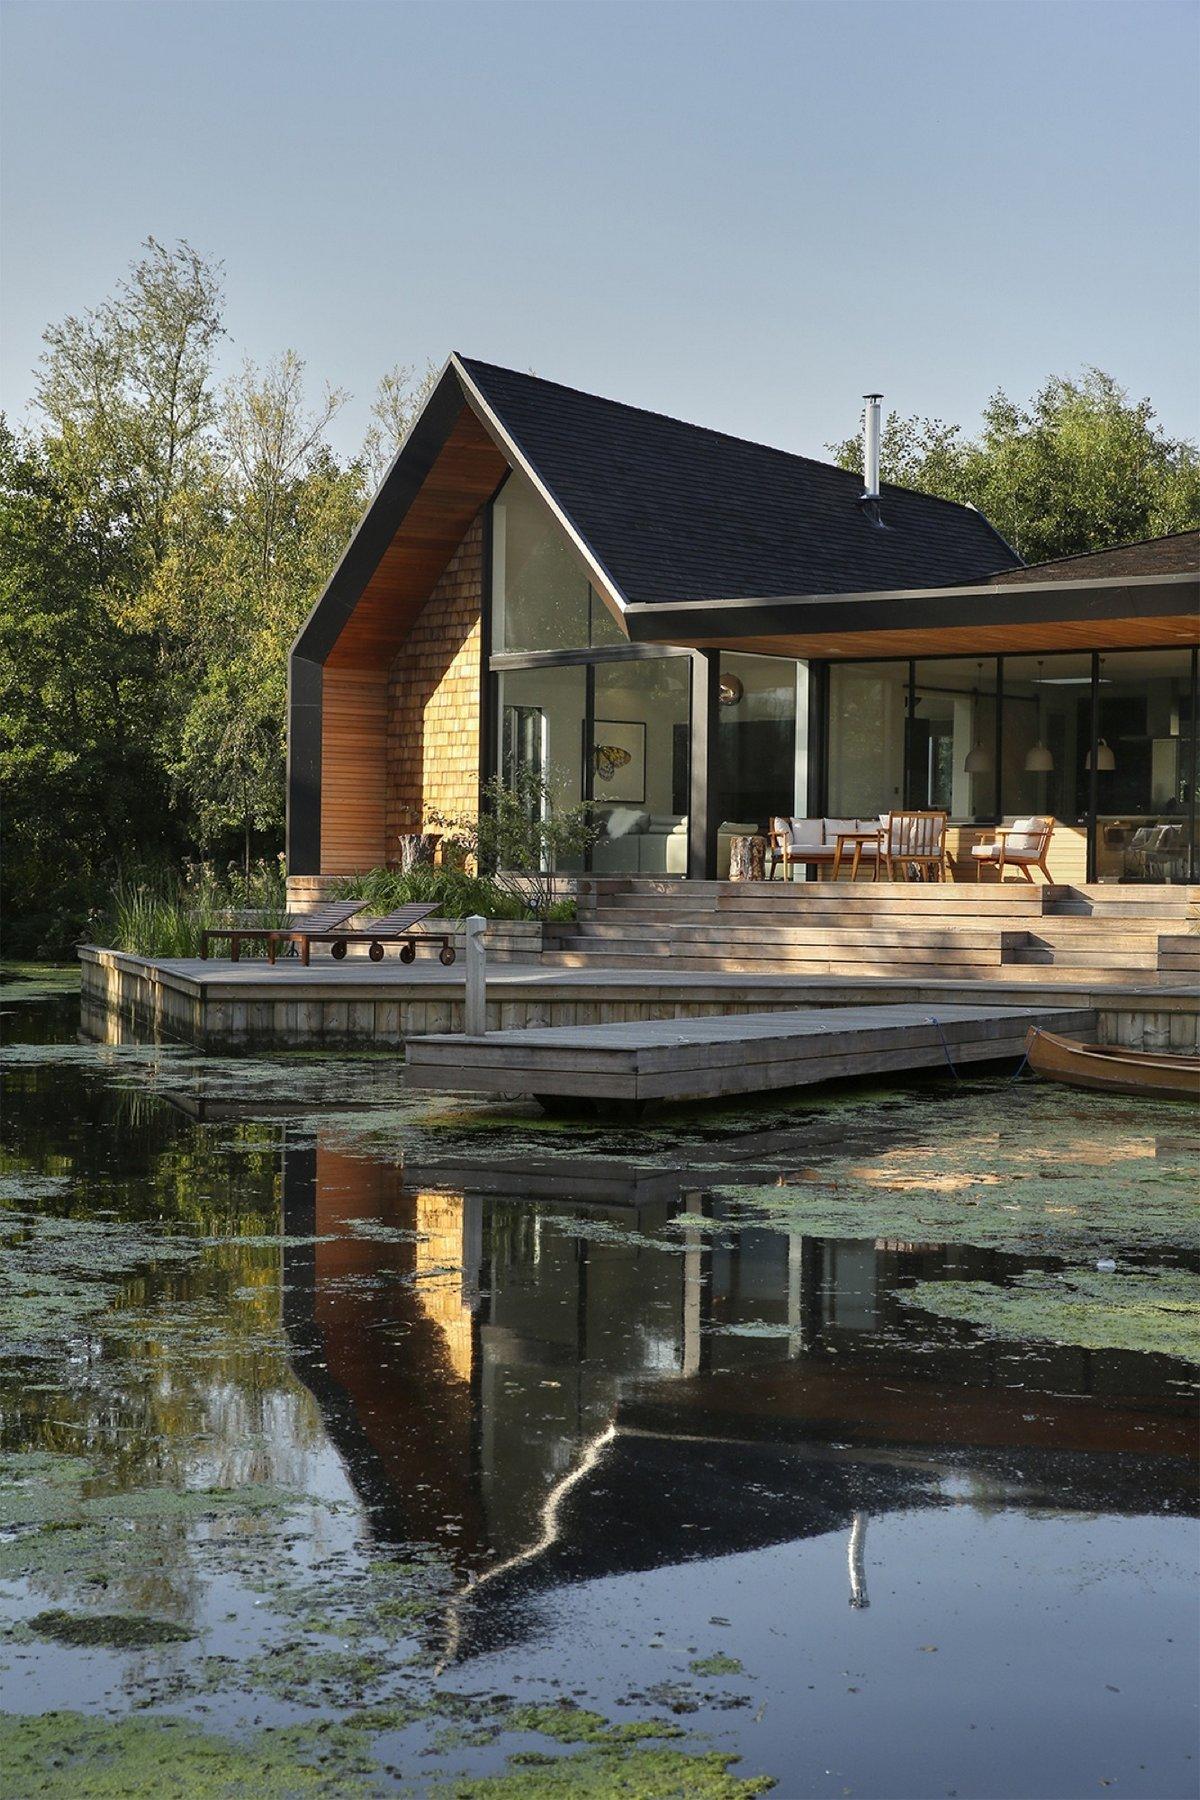 Частный дом с пристанью